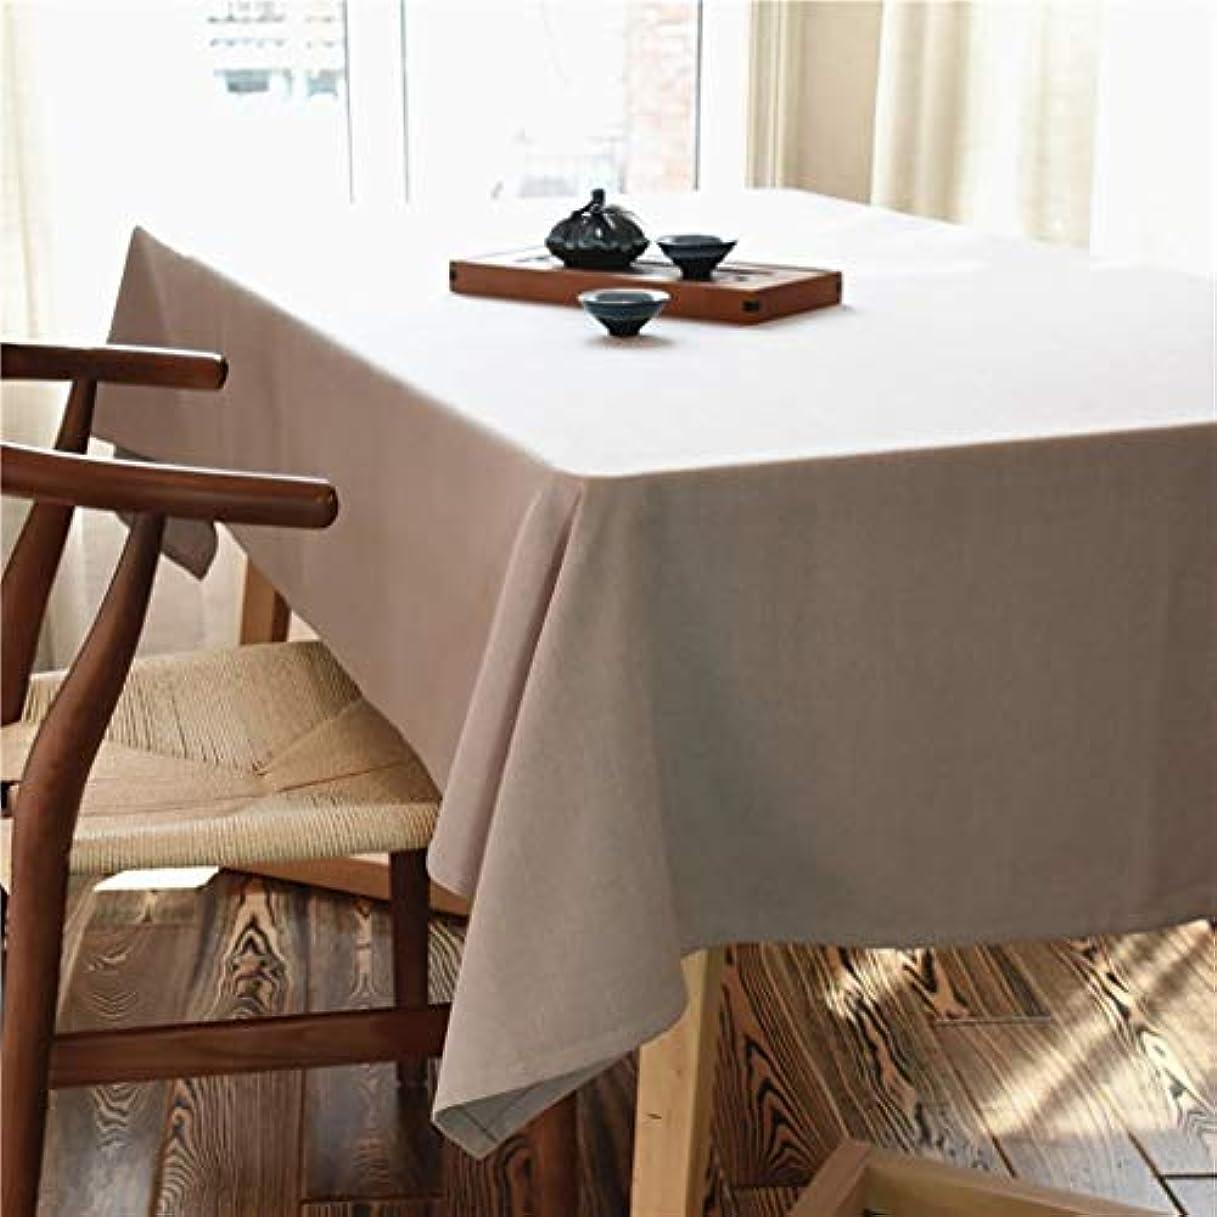 環境運搬書き込み防水アンチ油 テーブルクロス 長方形 撥水 滑り止め テーブルカバー 撥水耐久汚れに耐える手入れ簡単サイズ選択可能 耐油テーブルクロス (Color : B, Size : 150*210cm)